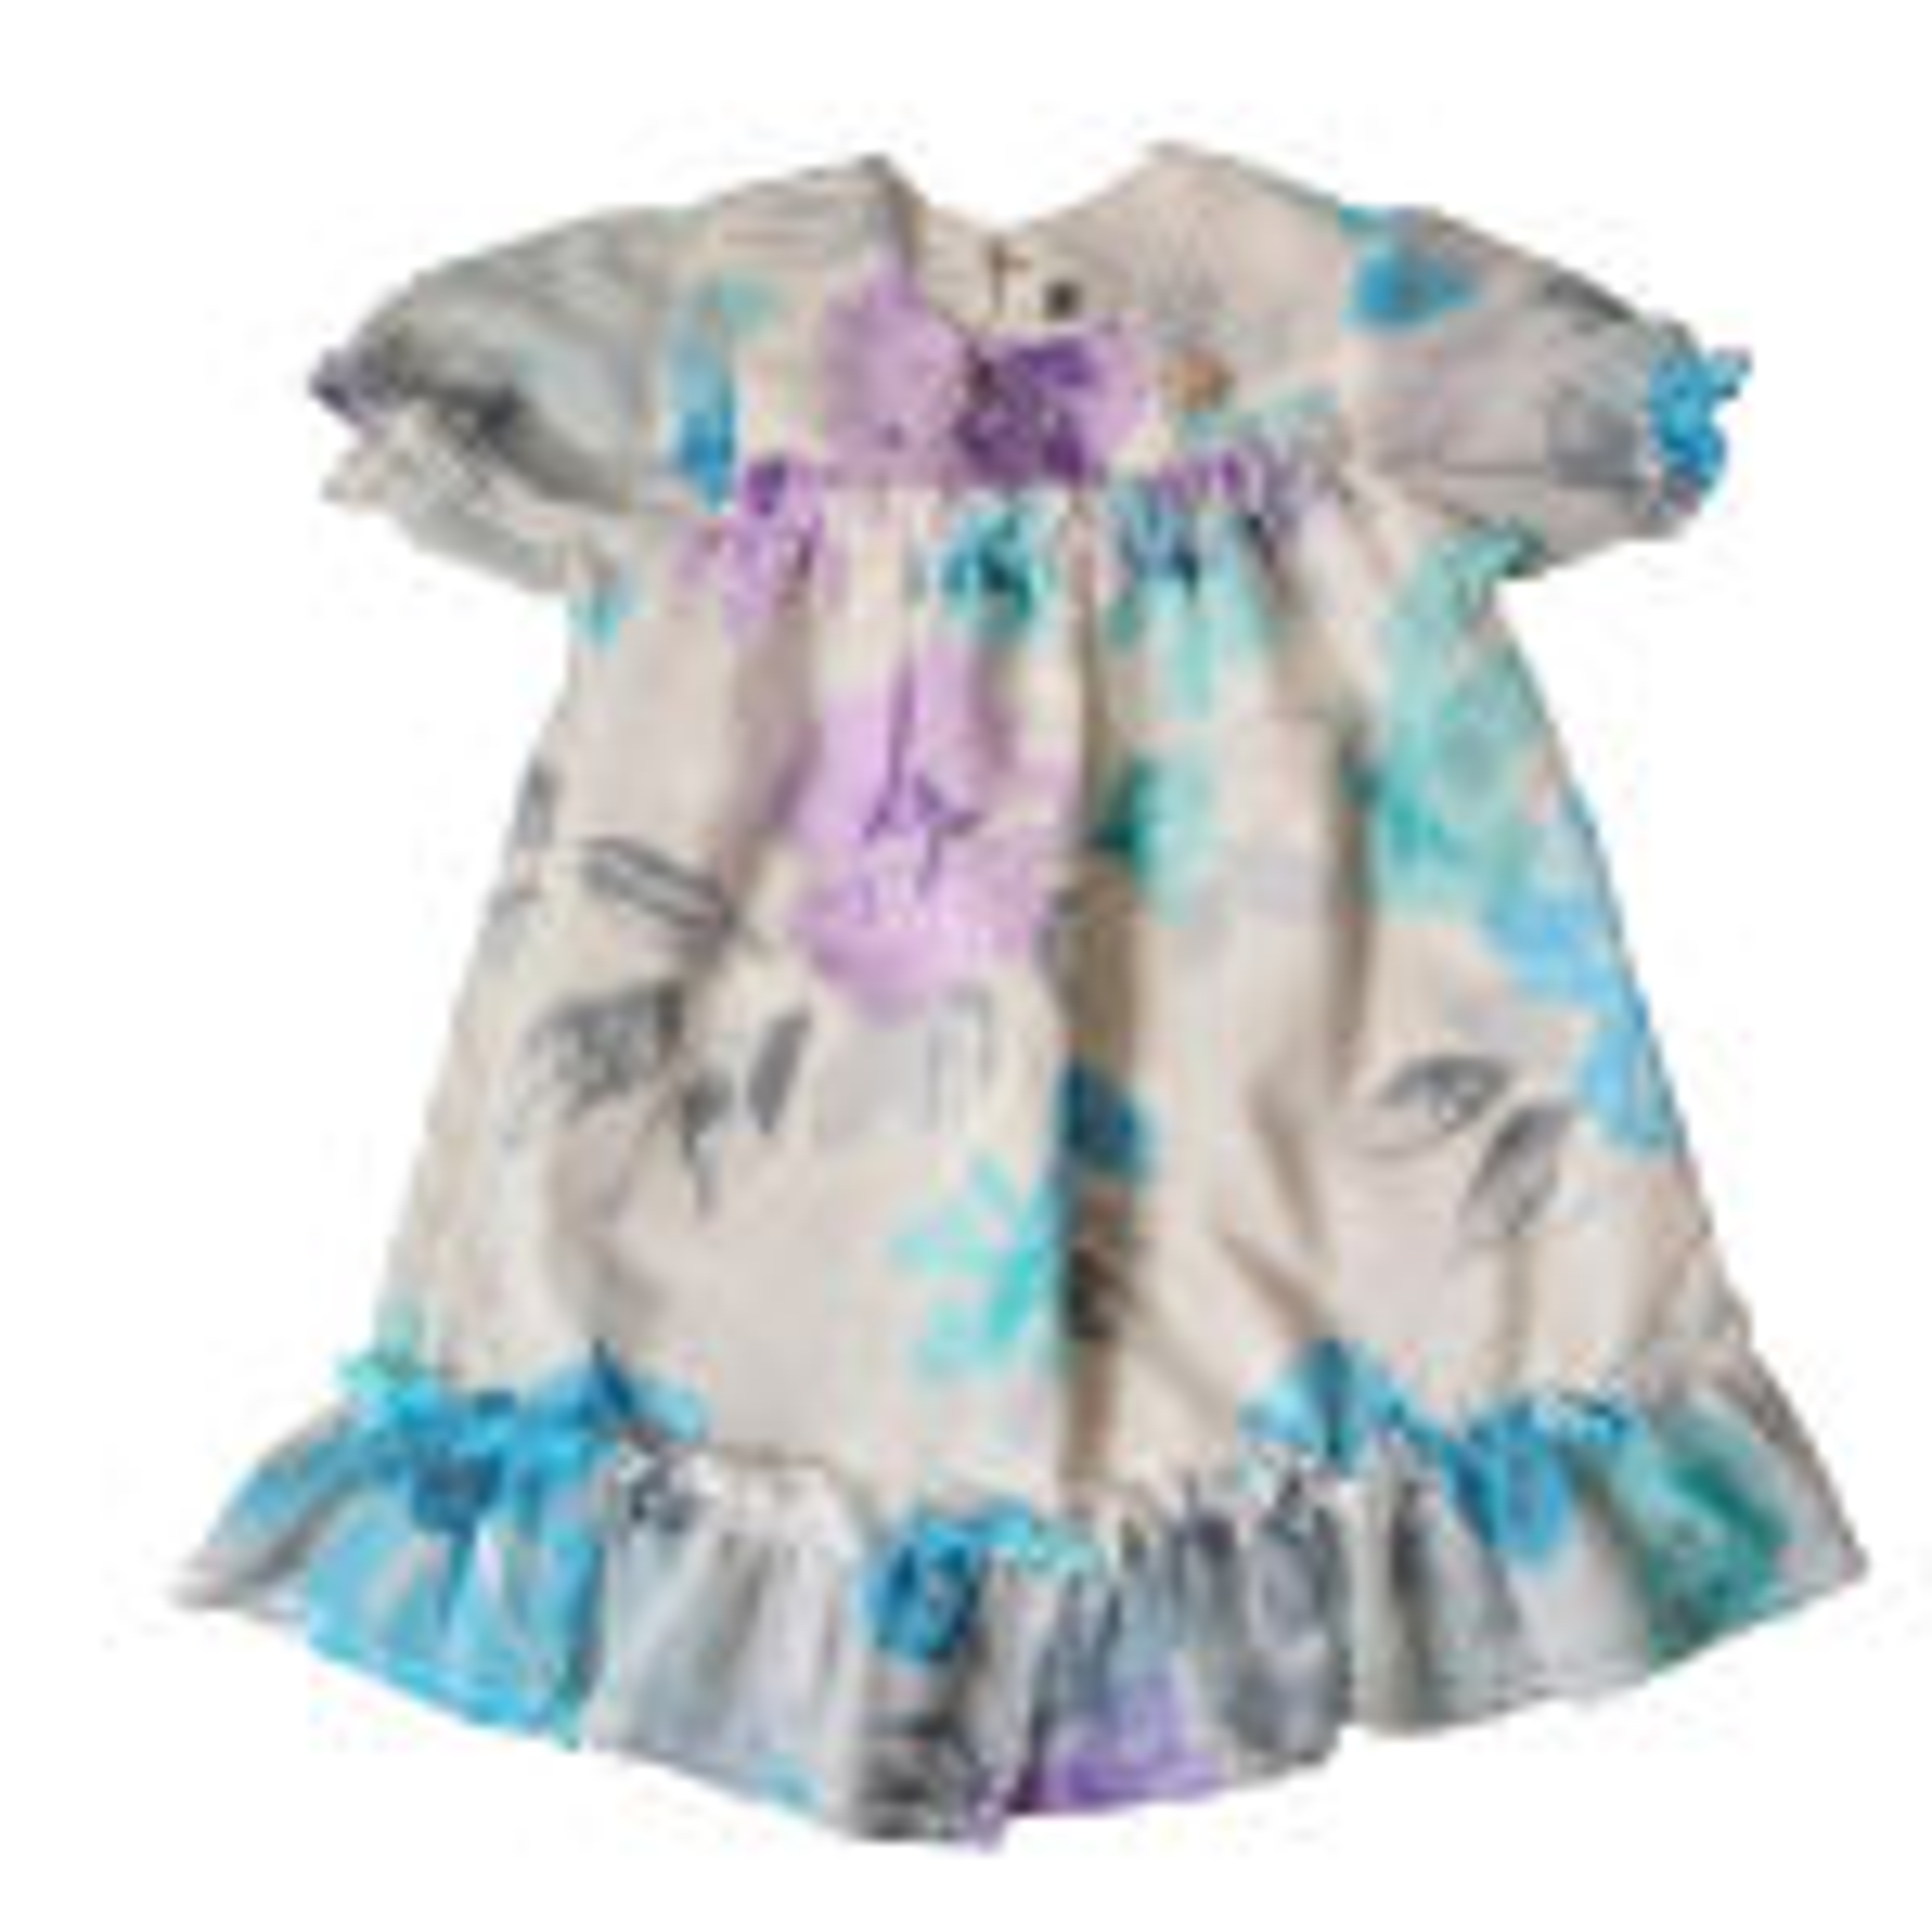 پیراهن دخترانه مدل گل بانو کد ab1